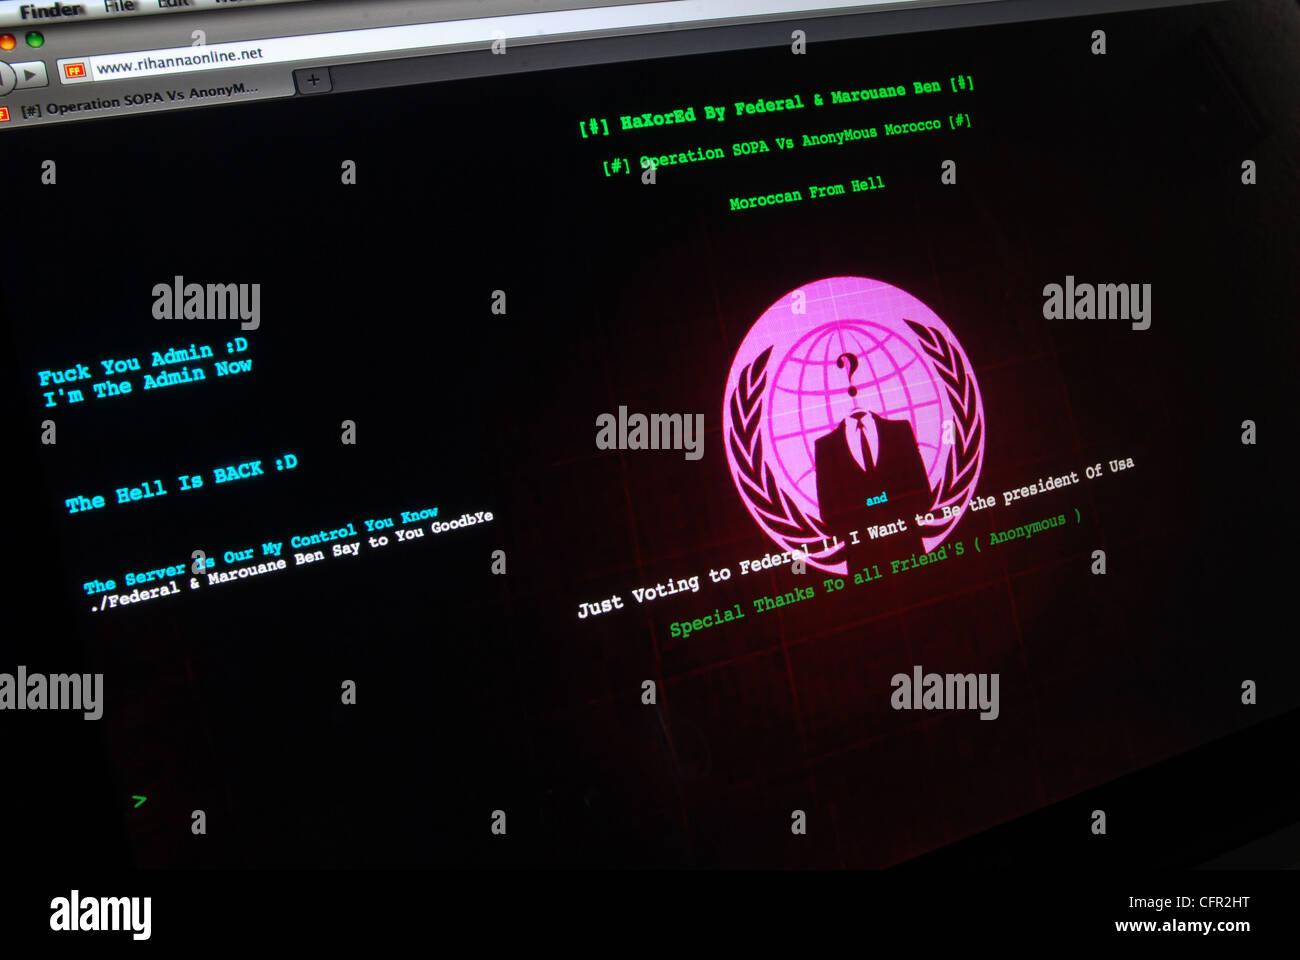 Page d'accueil du site web piraté l'affichage dans le monde message du groupe de hackers Anonymous. Photo Stock